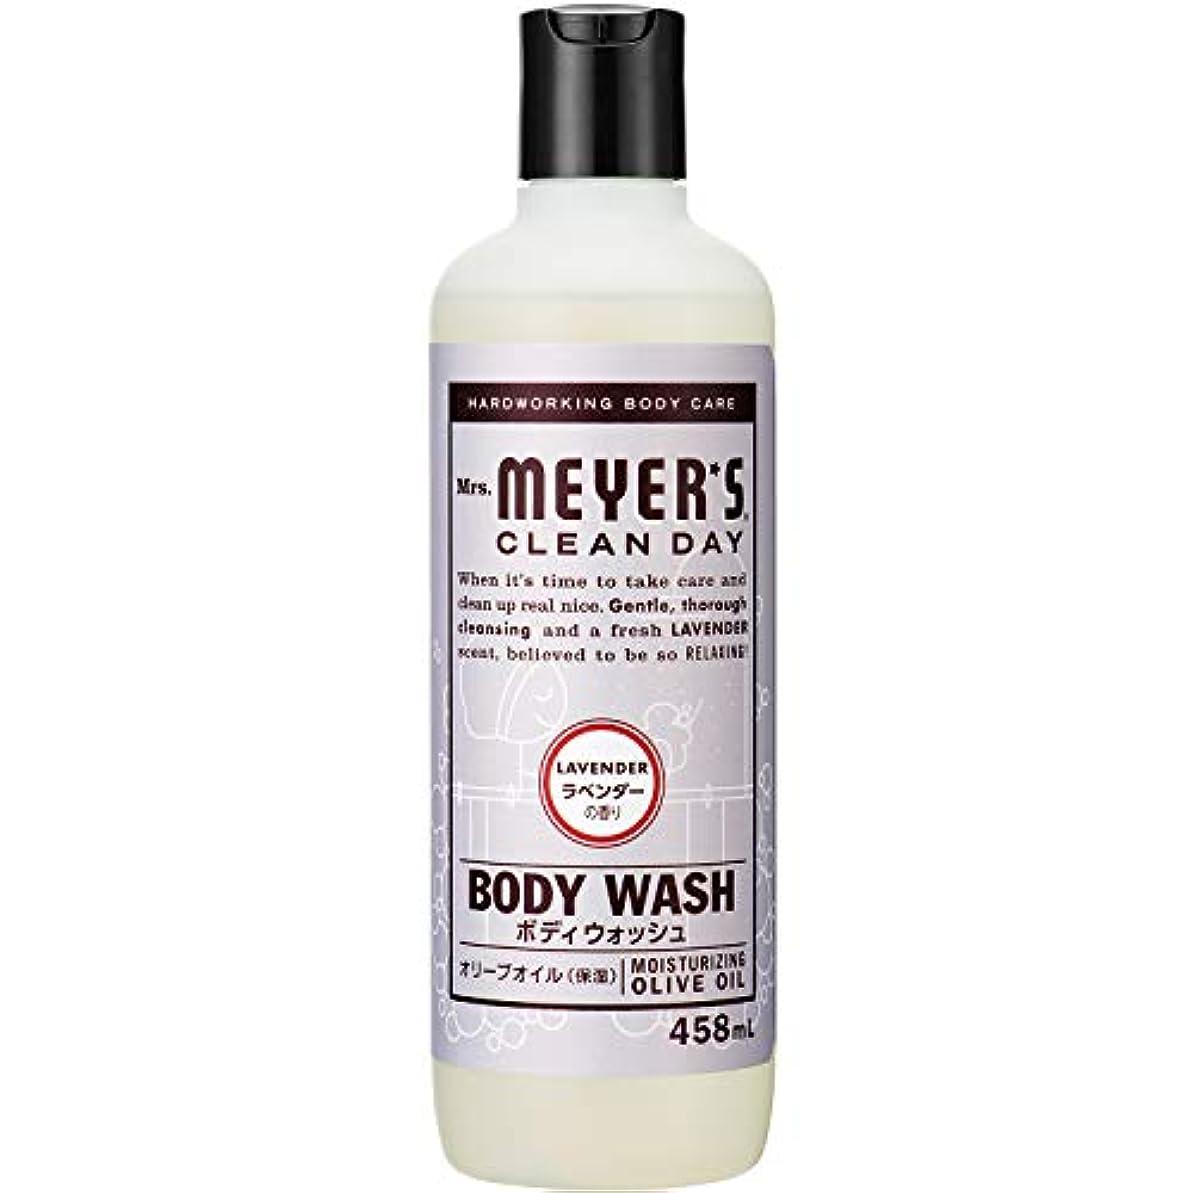 すでにドナー巨人Mrs. MEYER'S CLEAN DAY(ミセスマイヤーズ クリーンデイ) ミセスマイヤーズ クリーンデイ(Mrs.Meyers Clean Day) ボディウォッシュ ラベンダーの香り 458ml ボディソープ